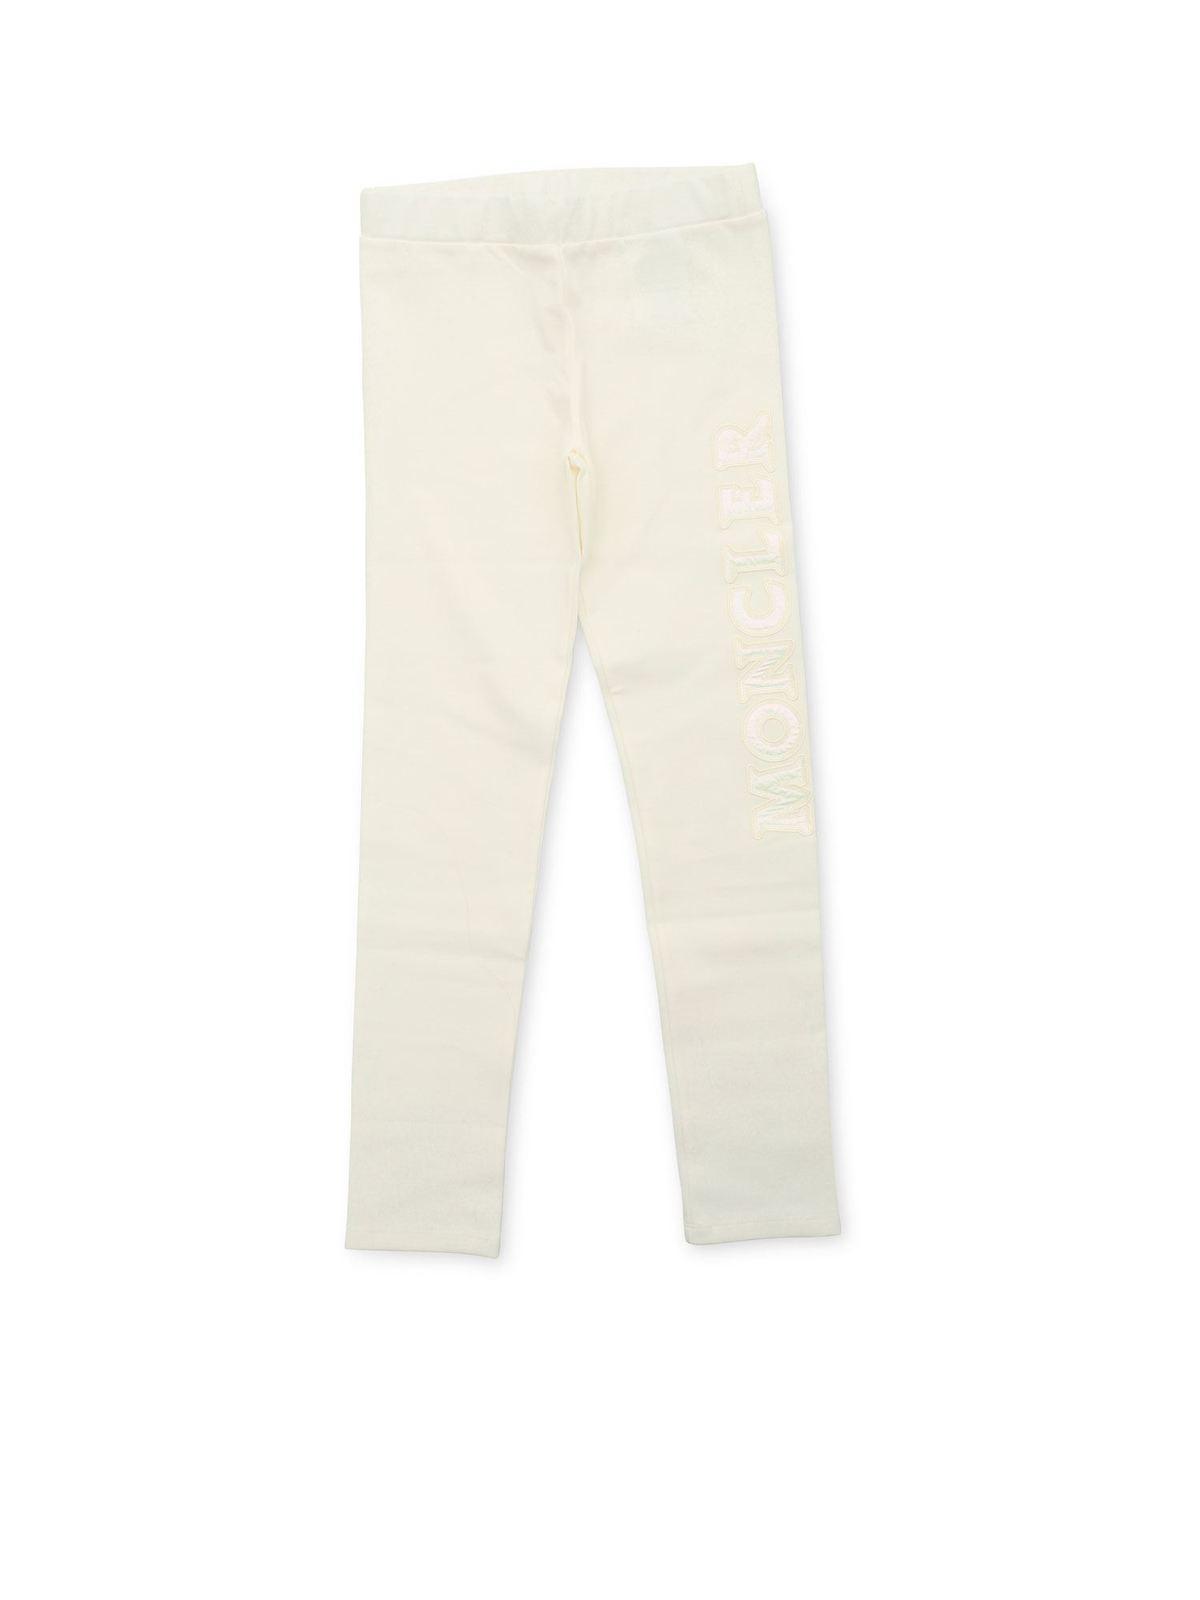 Moncler Jr Pants BRANDED FLEECE PANTS IN IVORY COLOR